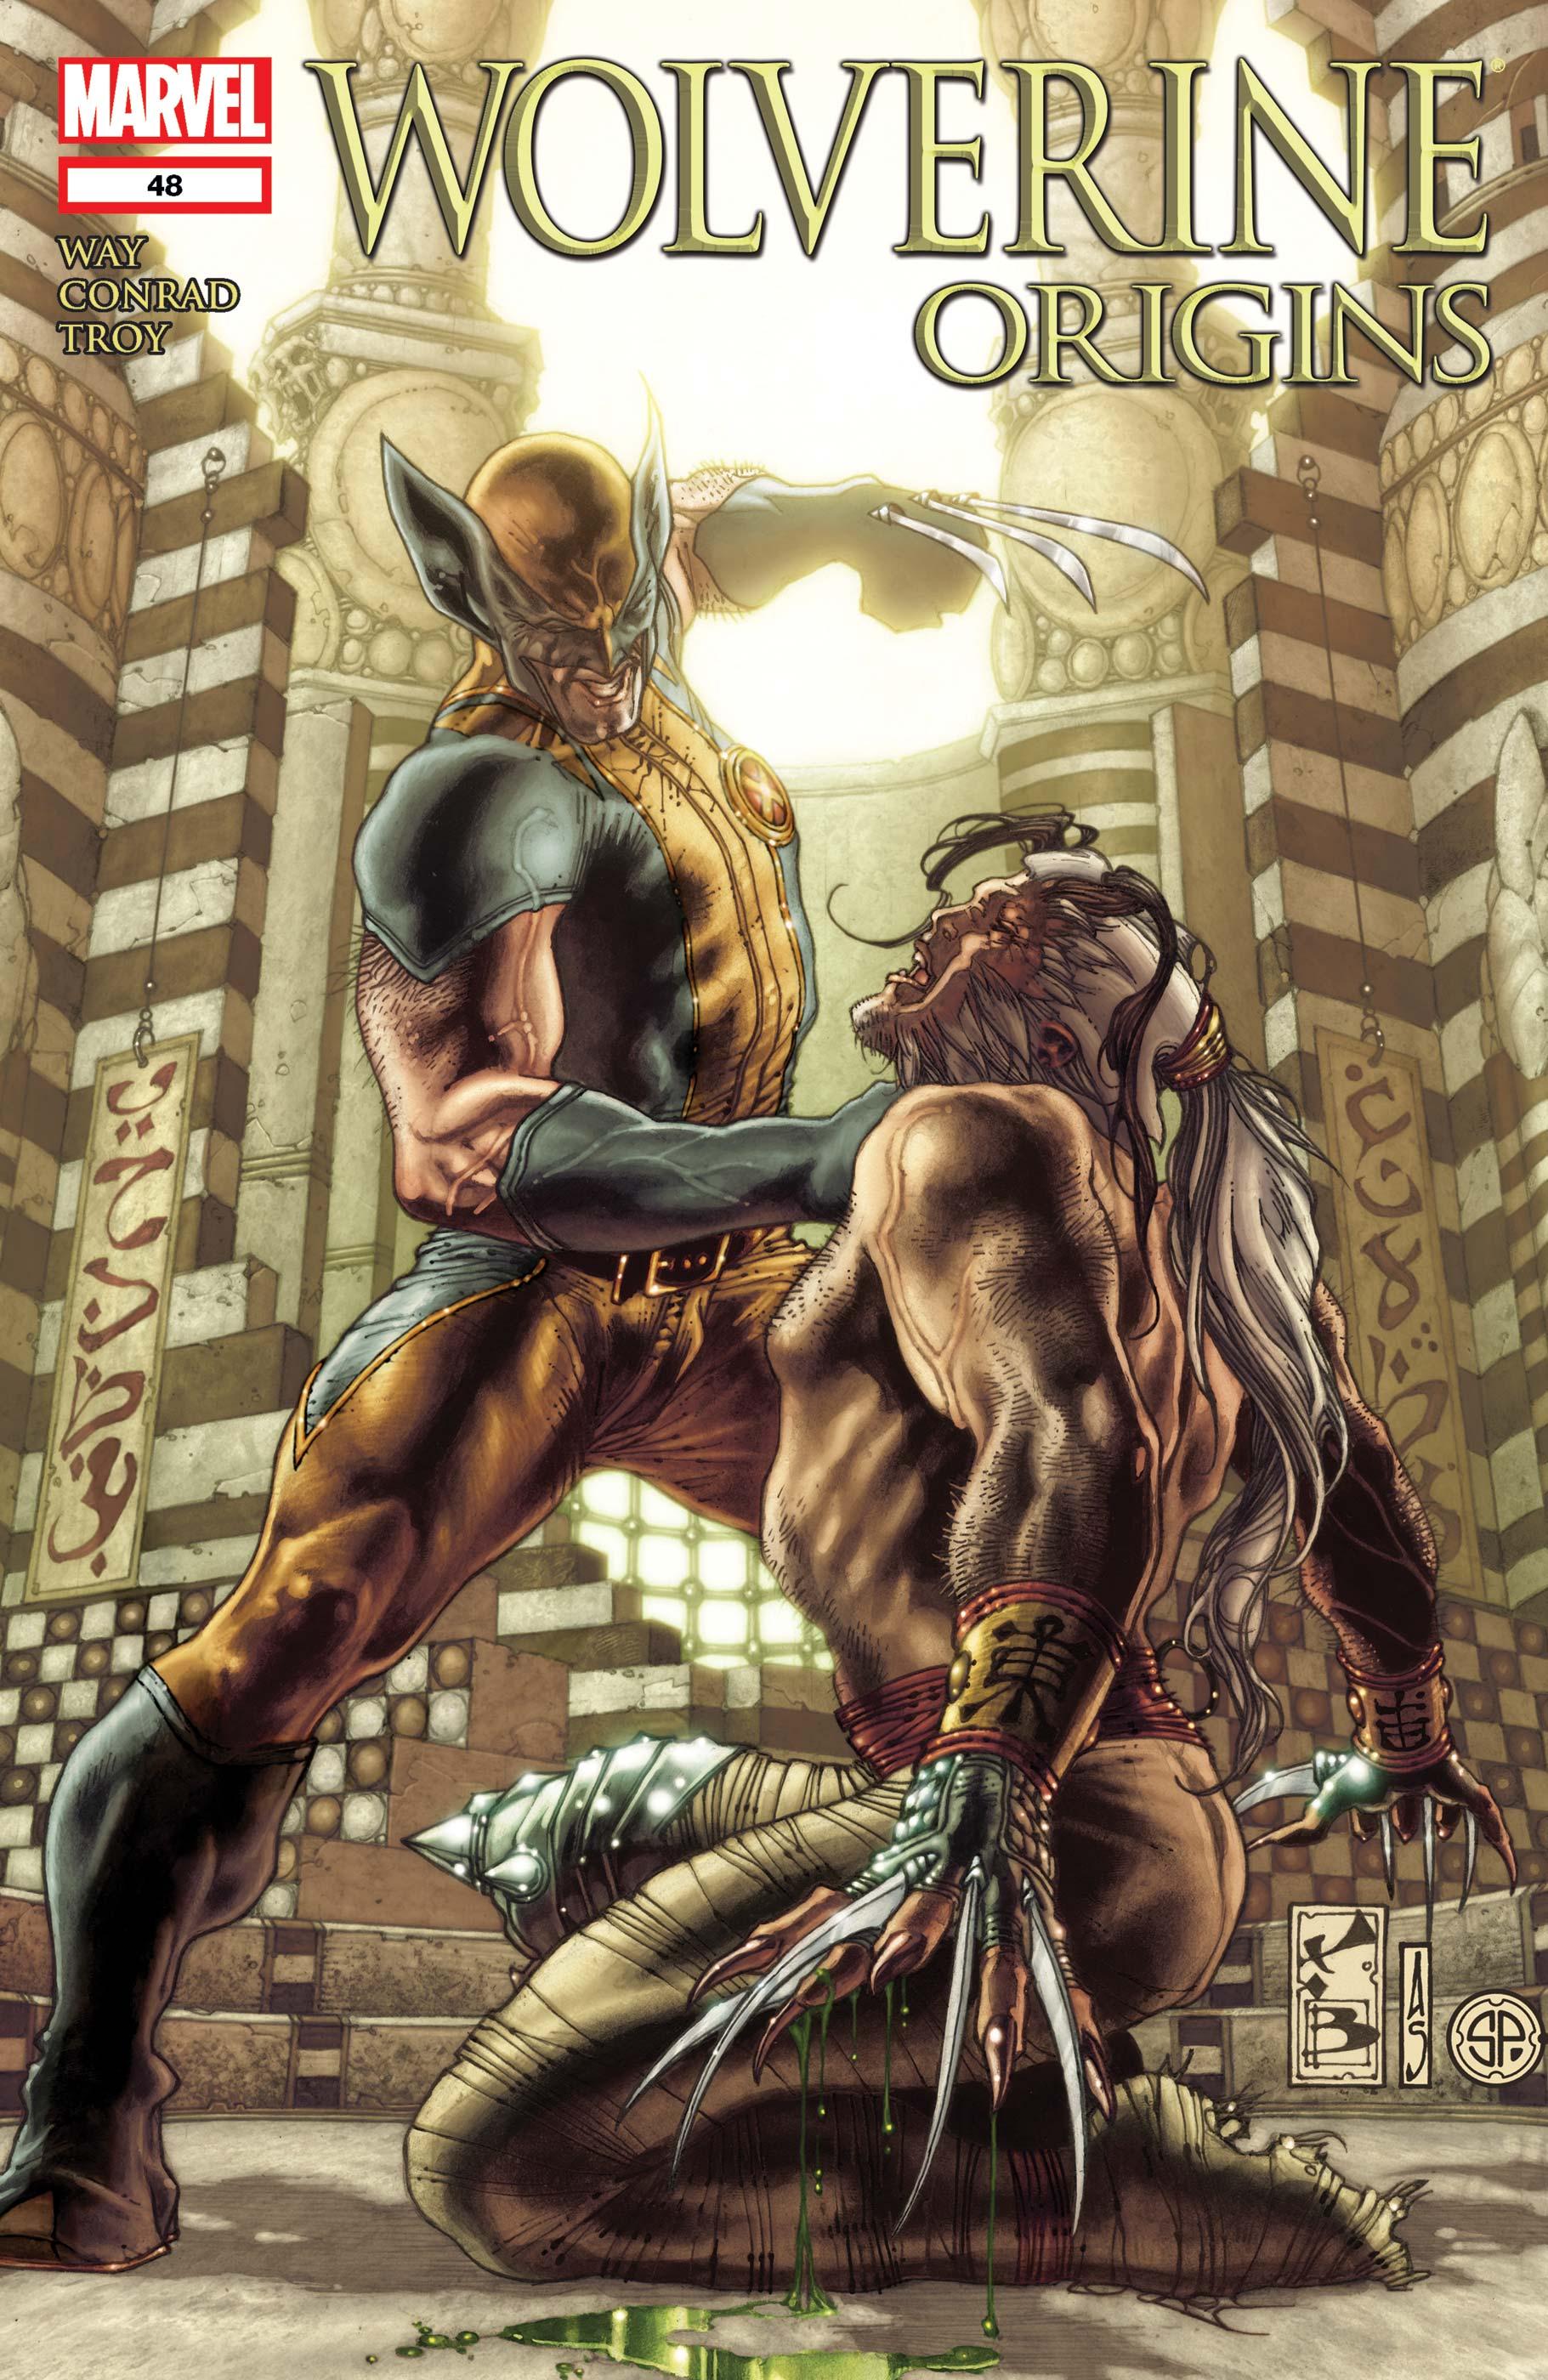 Wolverine Origins (2006) #48